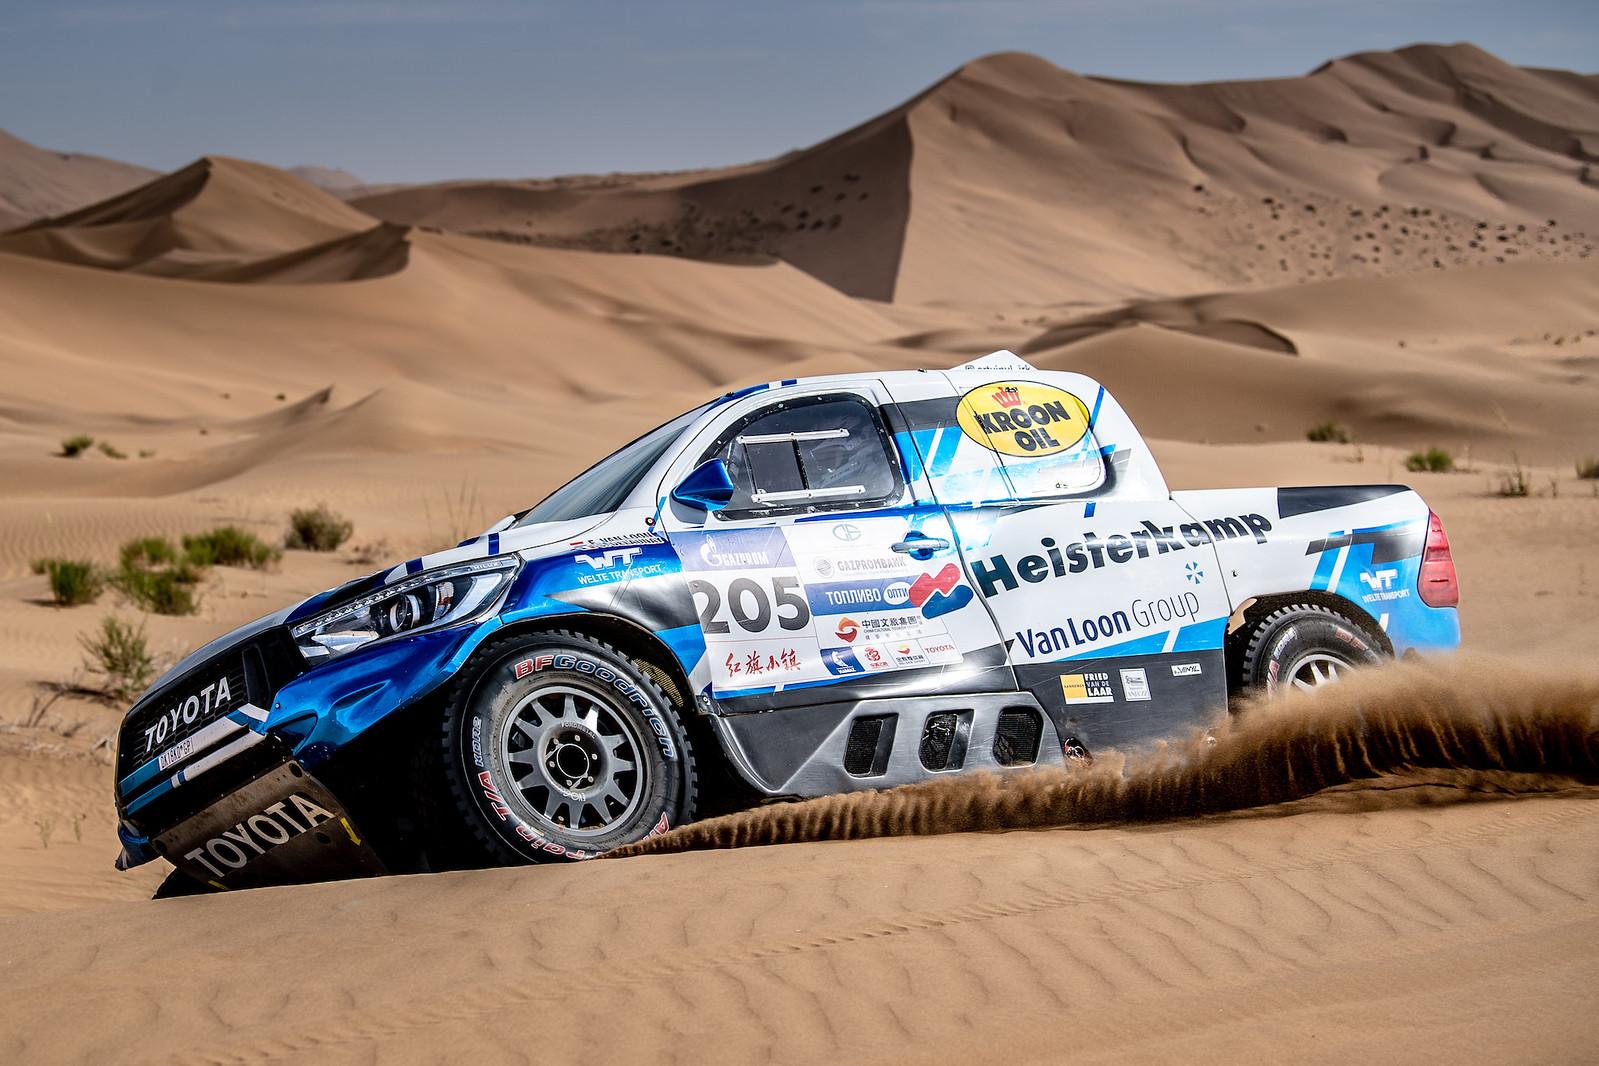 Van Loon wil zoveel mogelijk kilometers maken in Marokko